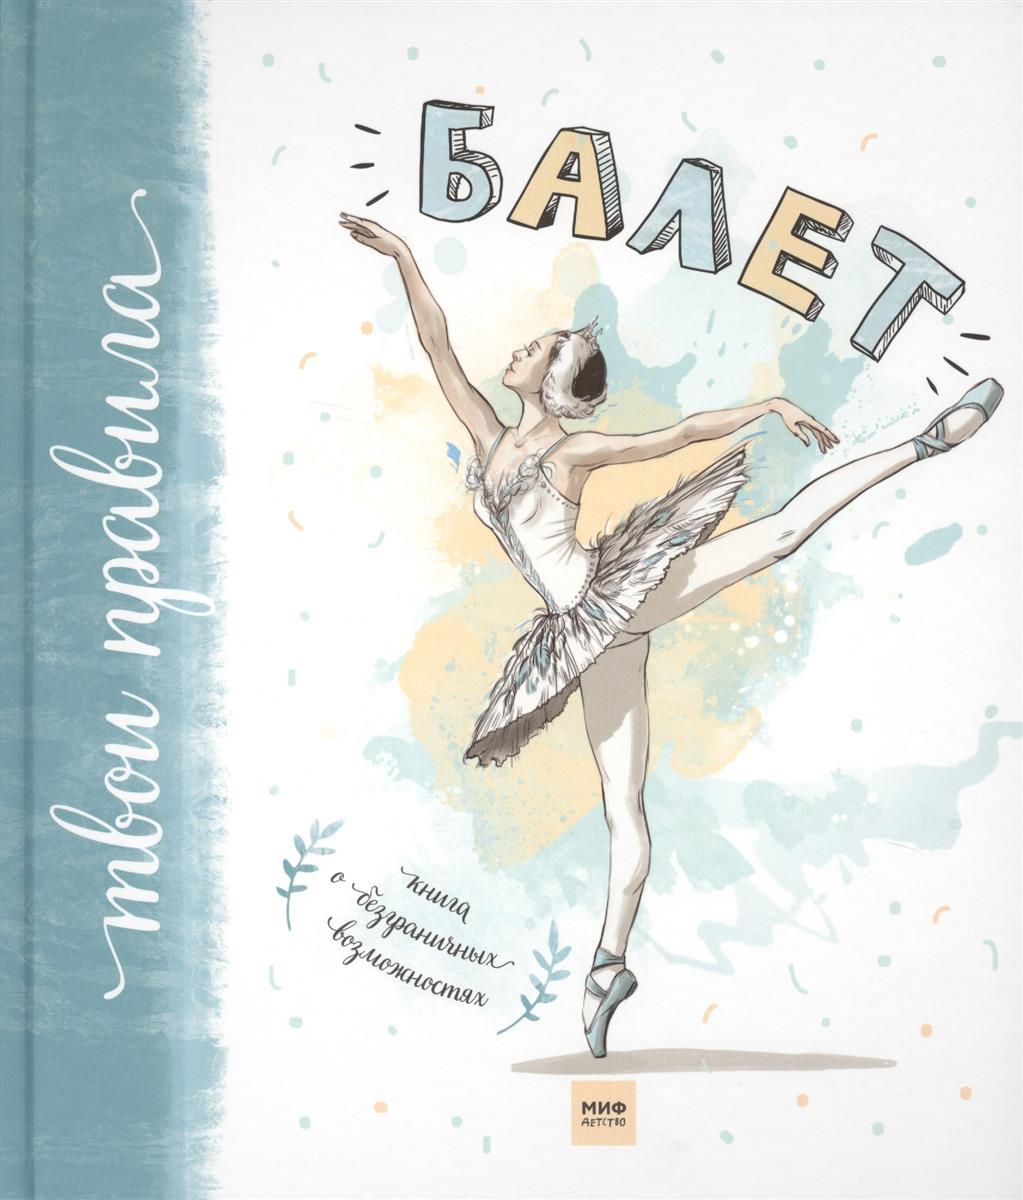 Степанов А. (гл.ред.) Балет. Книга о безграничных возможностях балет щелкунчик